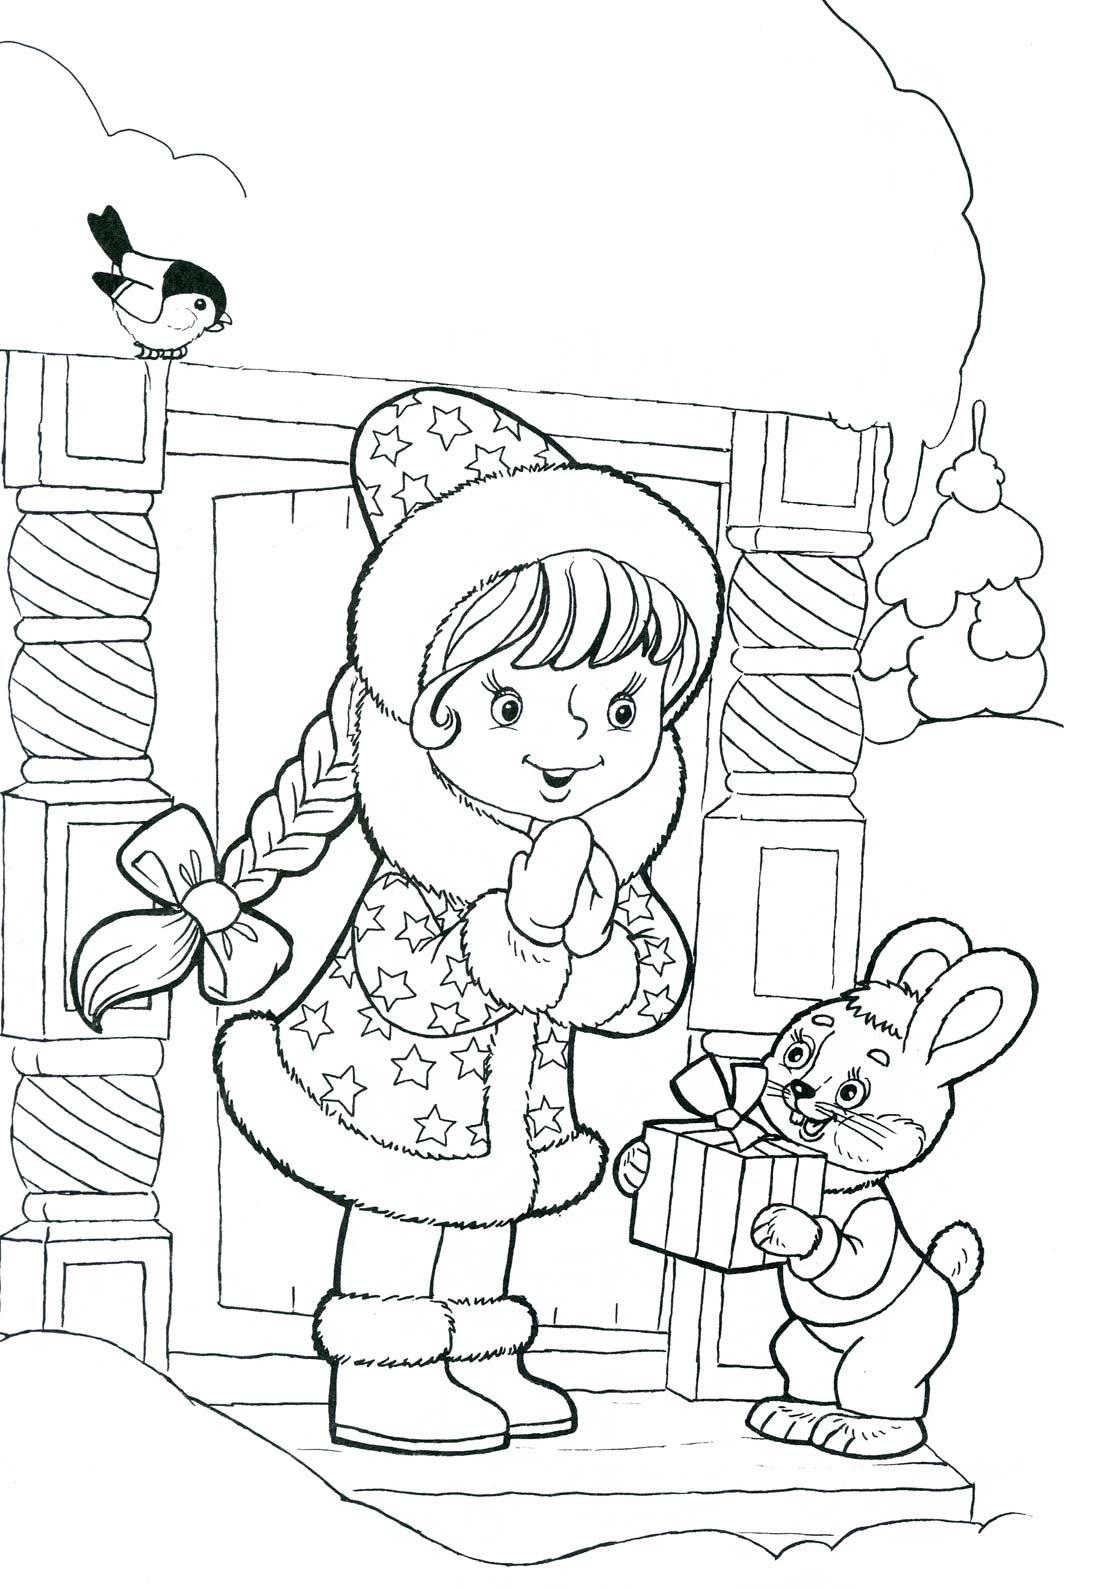 Снегурочка получает подарок Раскраски зима скачать бесплатно